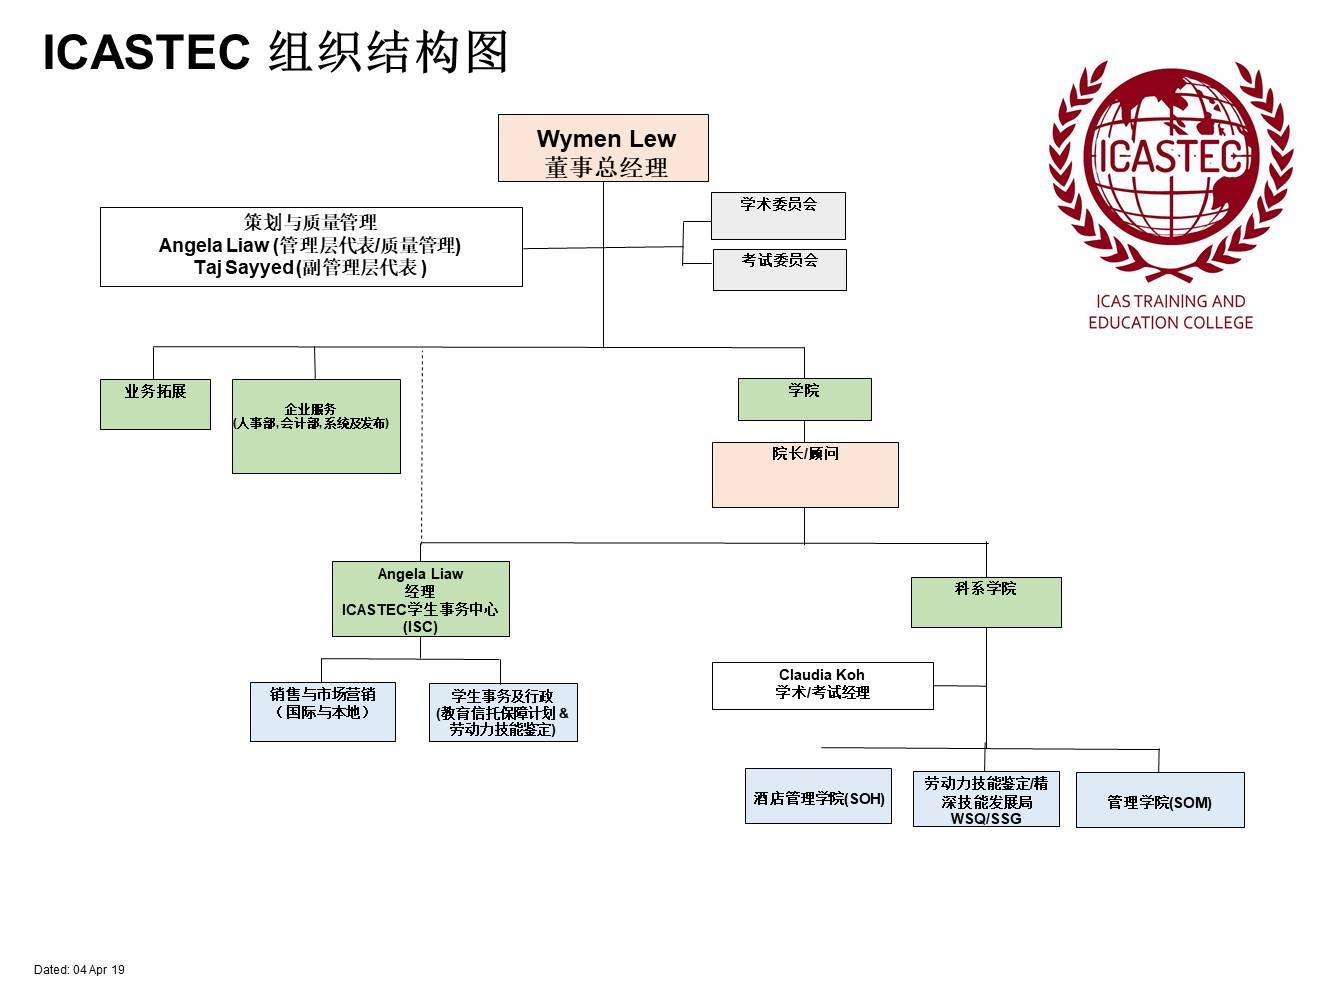 组织结构图 4 Apr 2019